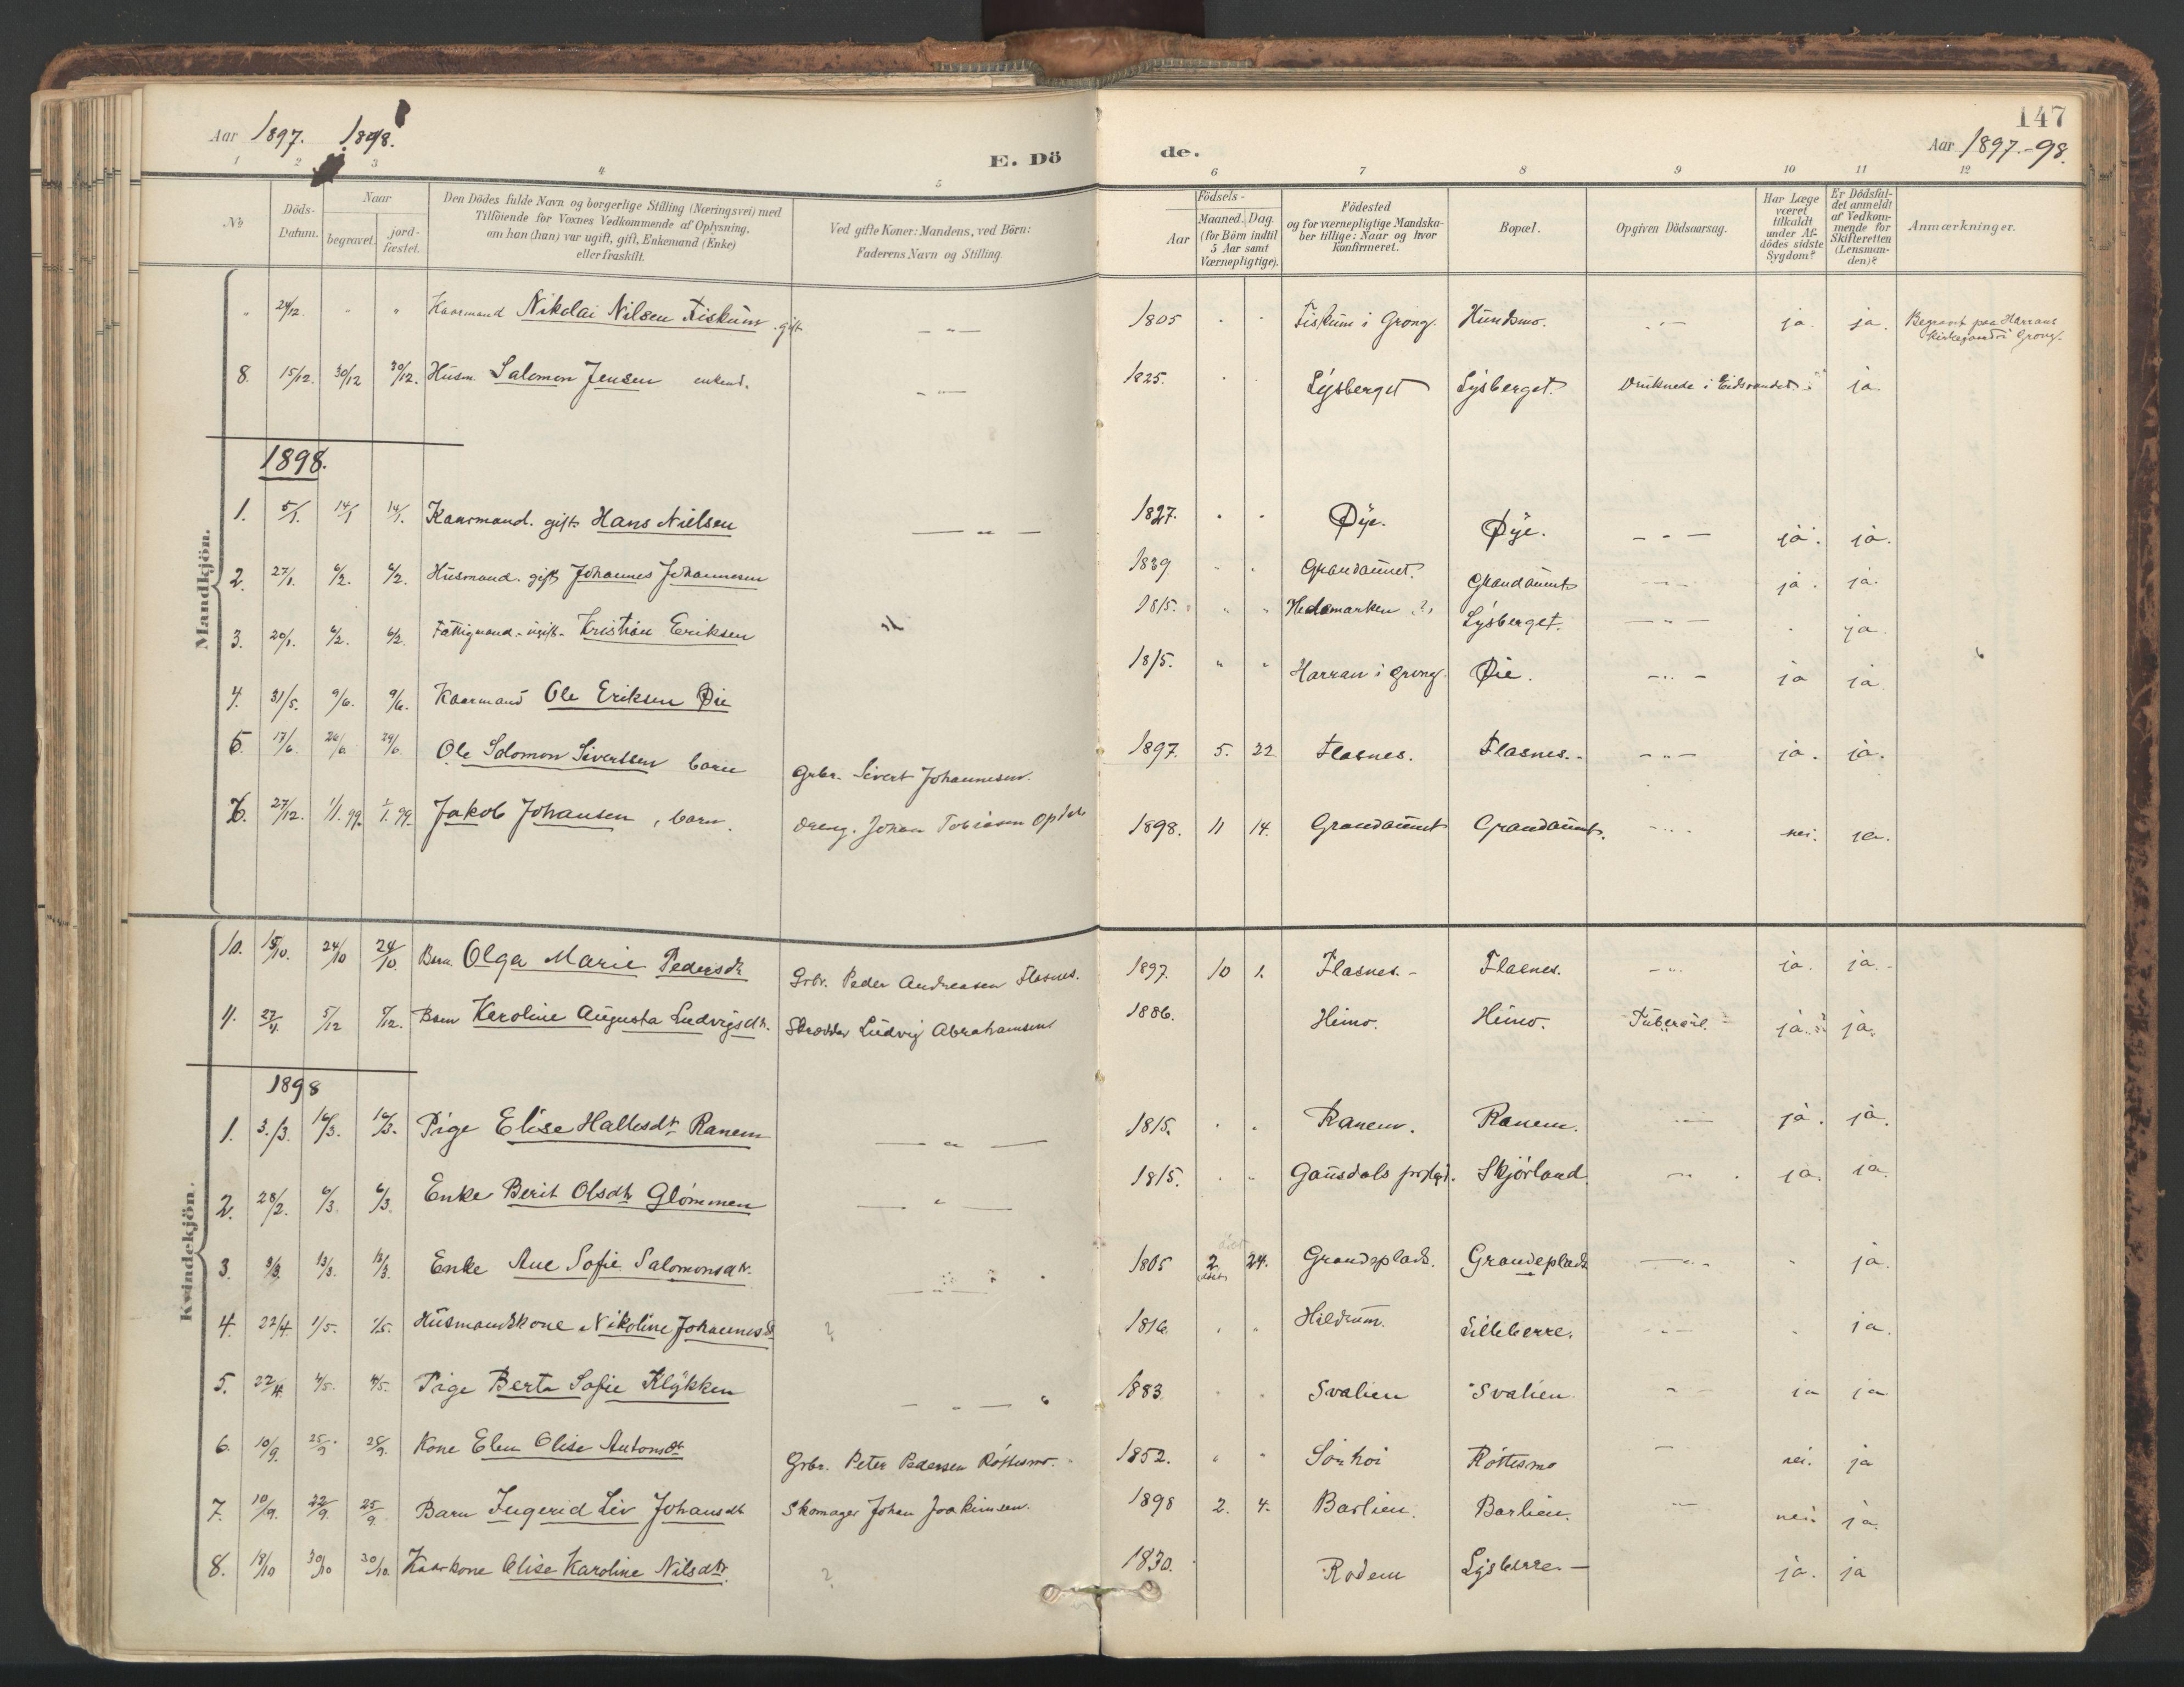 SAT, Ministerialprotokoller, klokkerbøker og fødselsregistre - Nord-Trøndelag, 764/L0556: Ministerialbok nr. 764A11, 1897-1924, s. 147